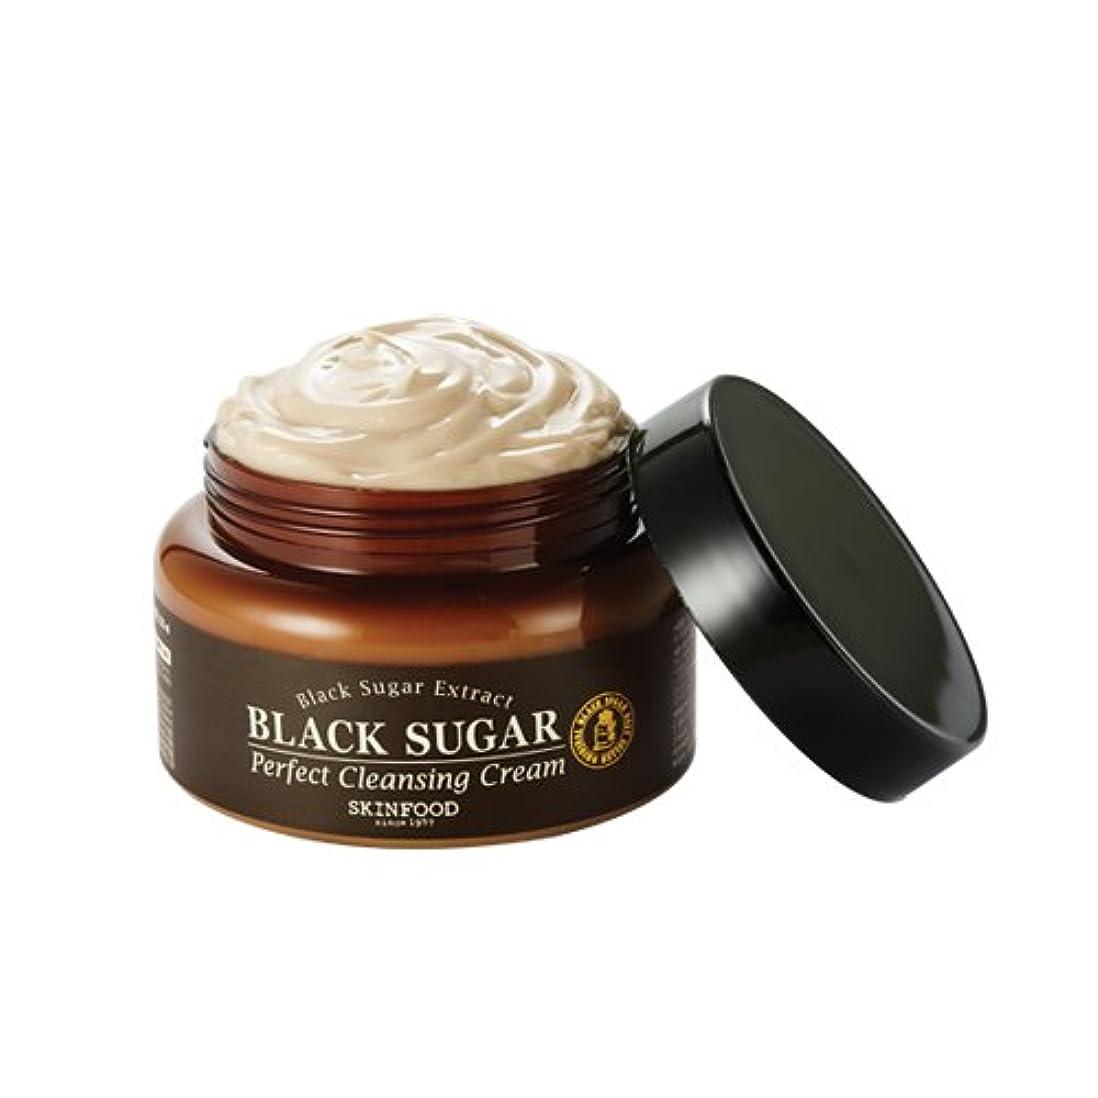 パンフレット怒り甲虫Skinfood/Black Sugar Perfect Cleansing Cream/黒糖パーフェクトクレンジングクリーム/230ml [並行輸入品]